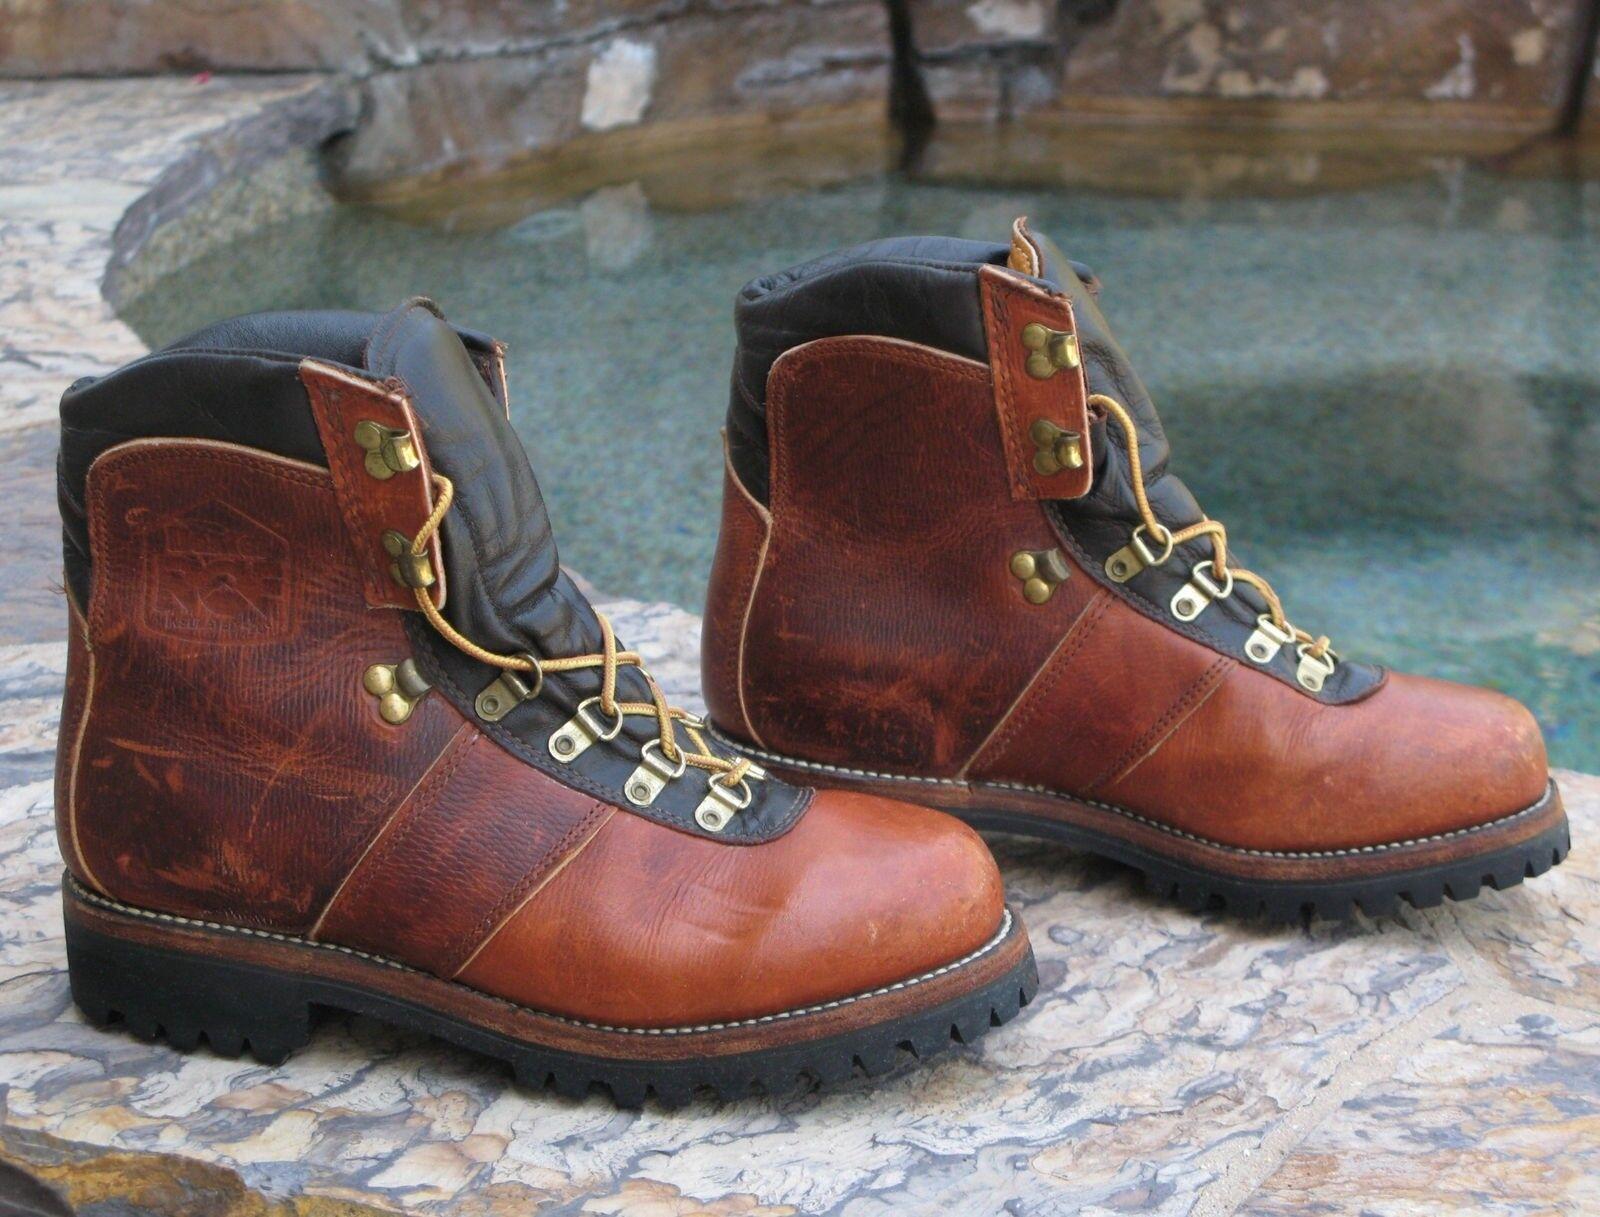 Dexter Vtg ROF Work Hiking Boots Men Sz 8 M Heavy Duty Leather Composite Toe